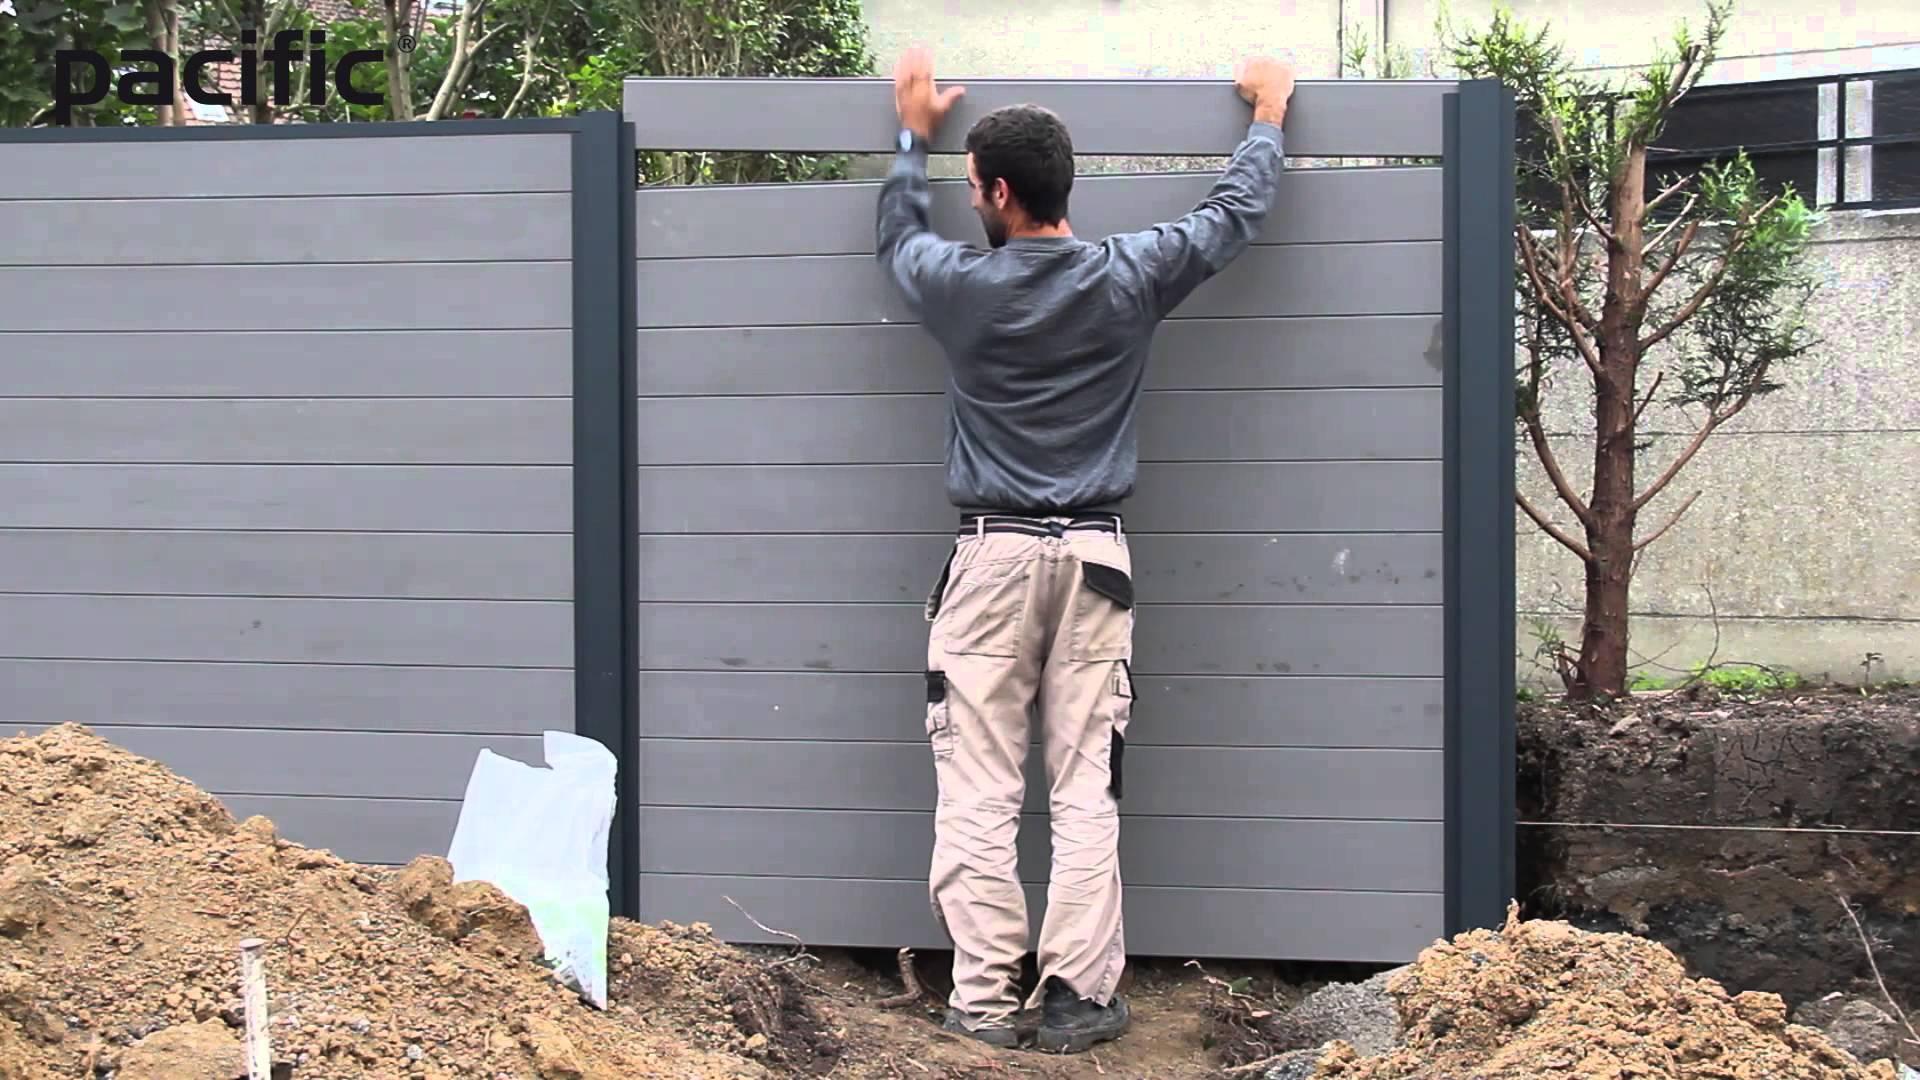 comment poser une palissade en aluminium   Ma Petite Clotûre